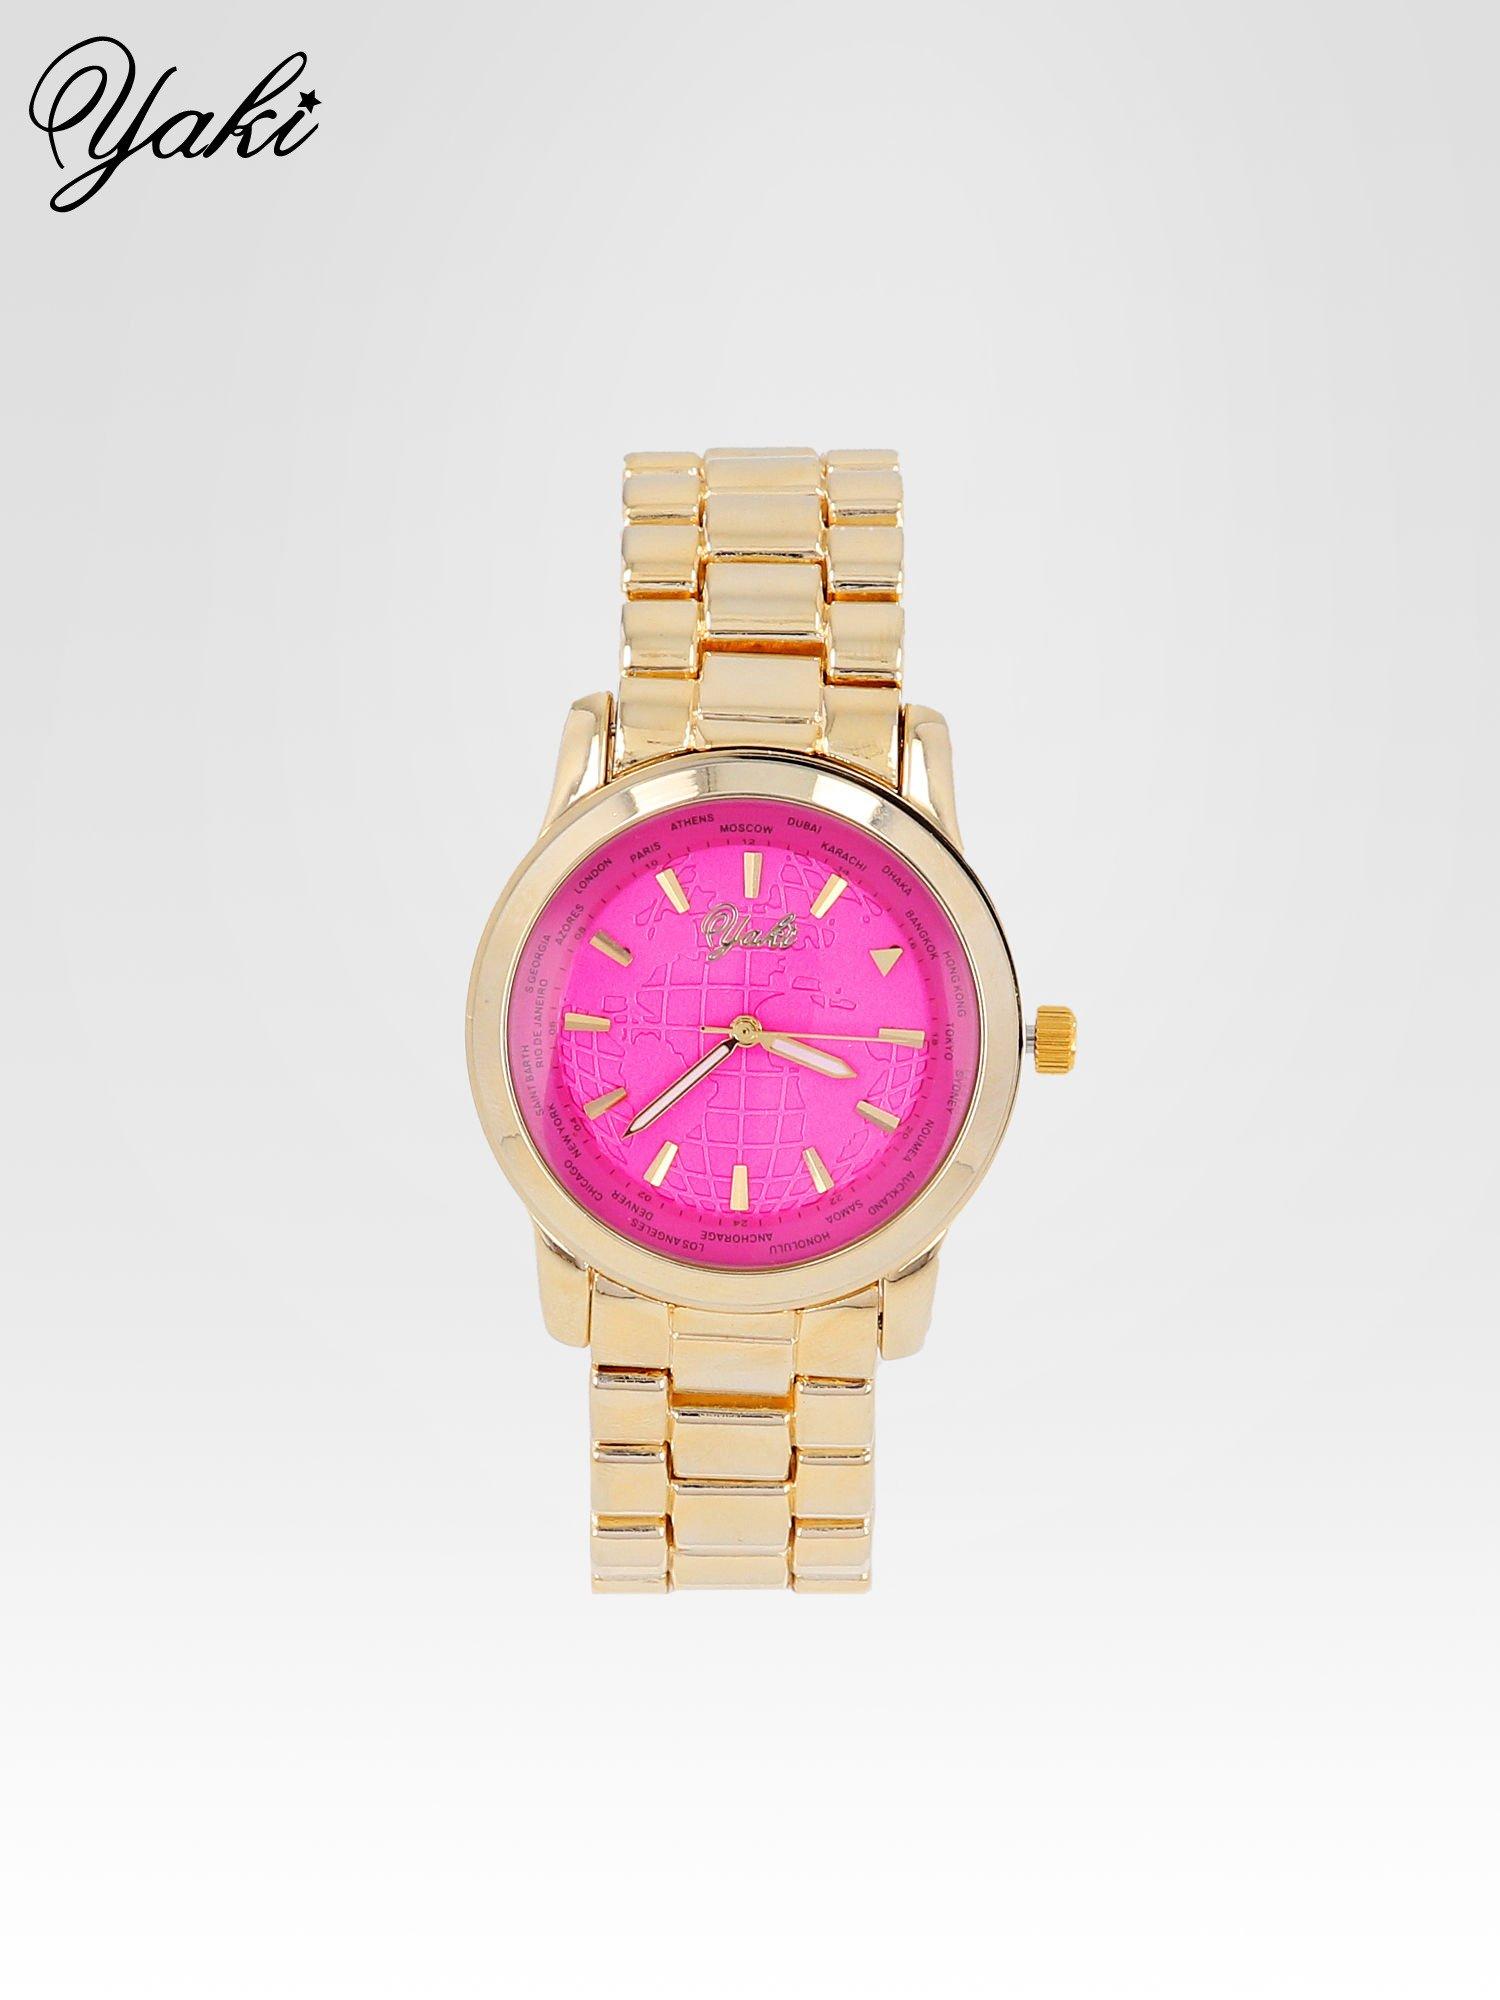 Złoty zegarek damski globtroter z różową tarczą z motywem mapy                                  zdj.                                  1